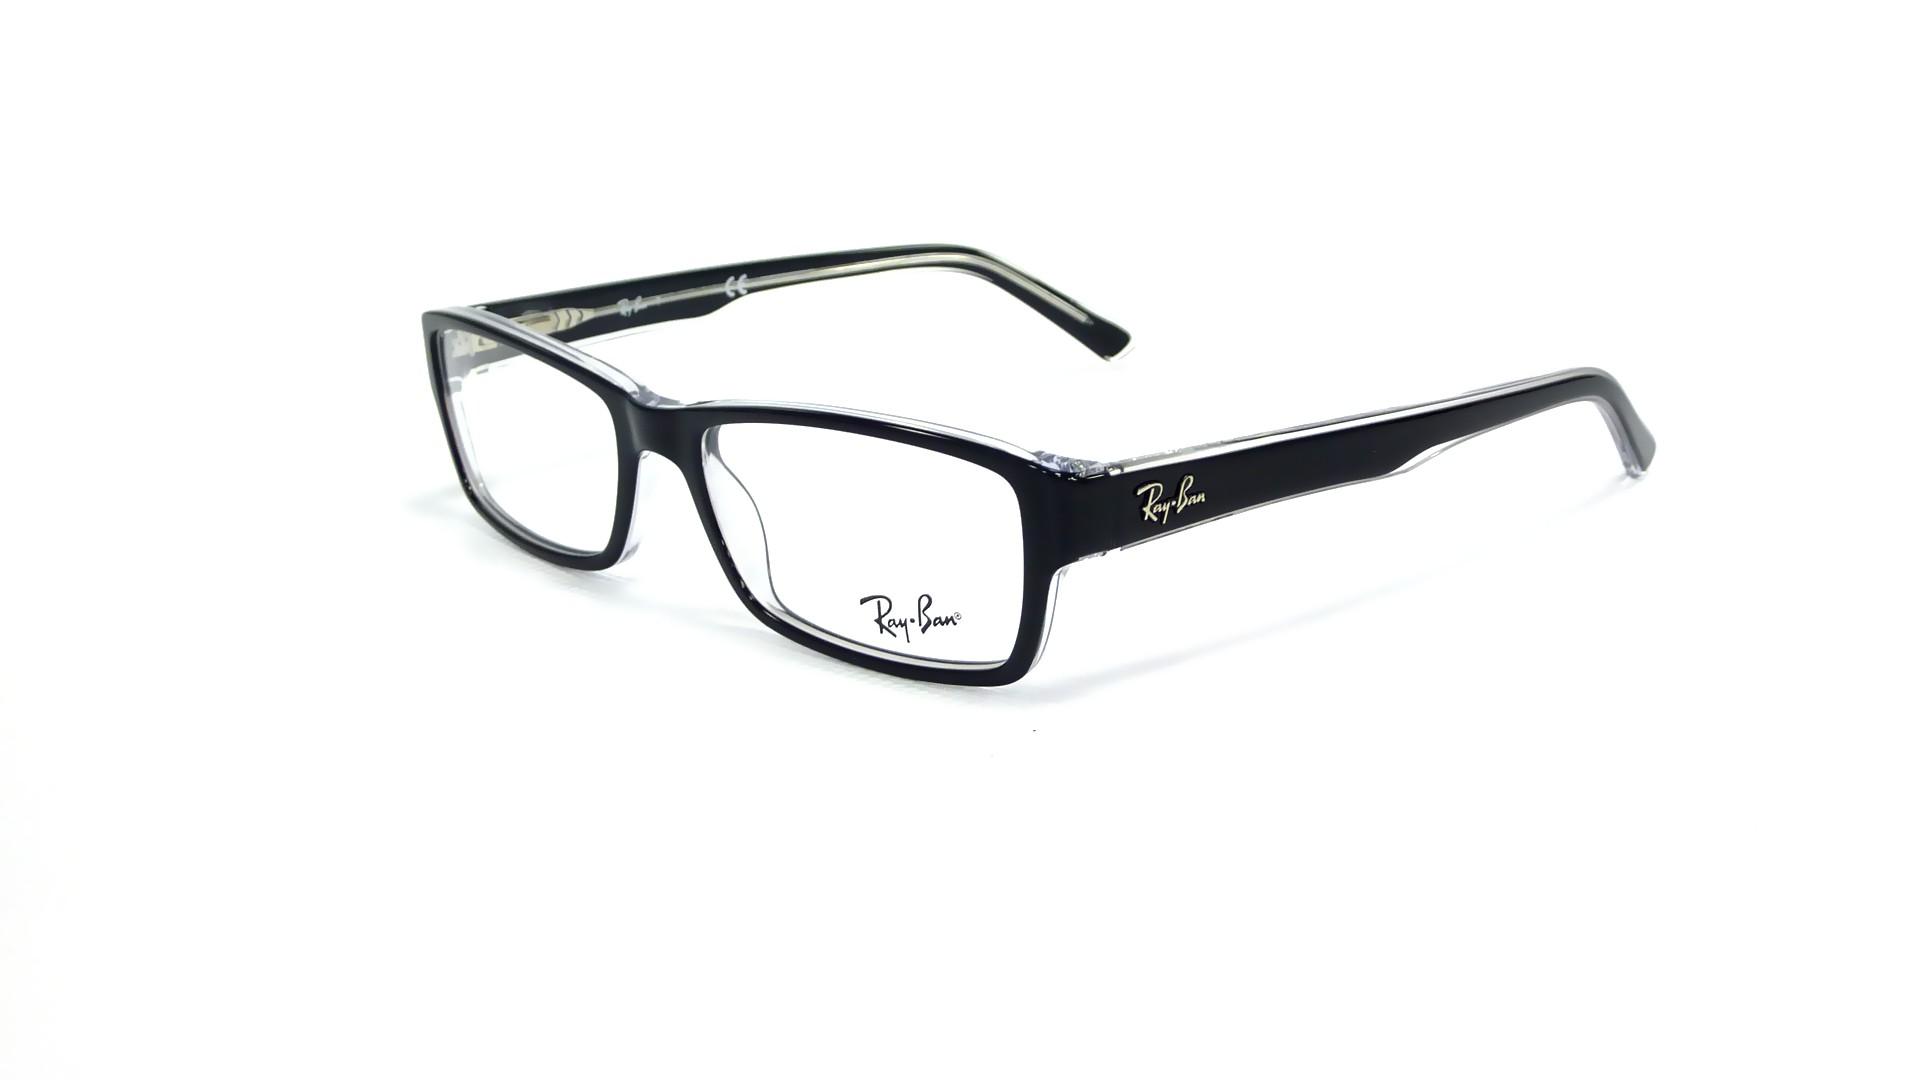 Lunettes de vue Ray-Ban RX5169 RB5169 2034 54-16 Noir   Prix 75,90 €    Visiofactory 5a7d4b010870